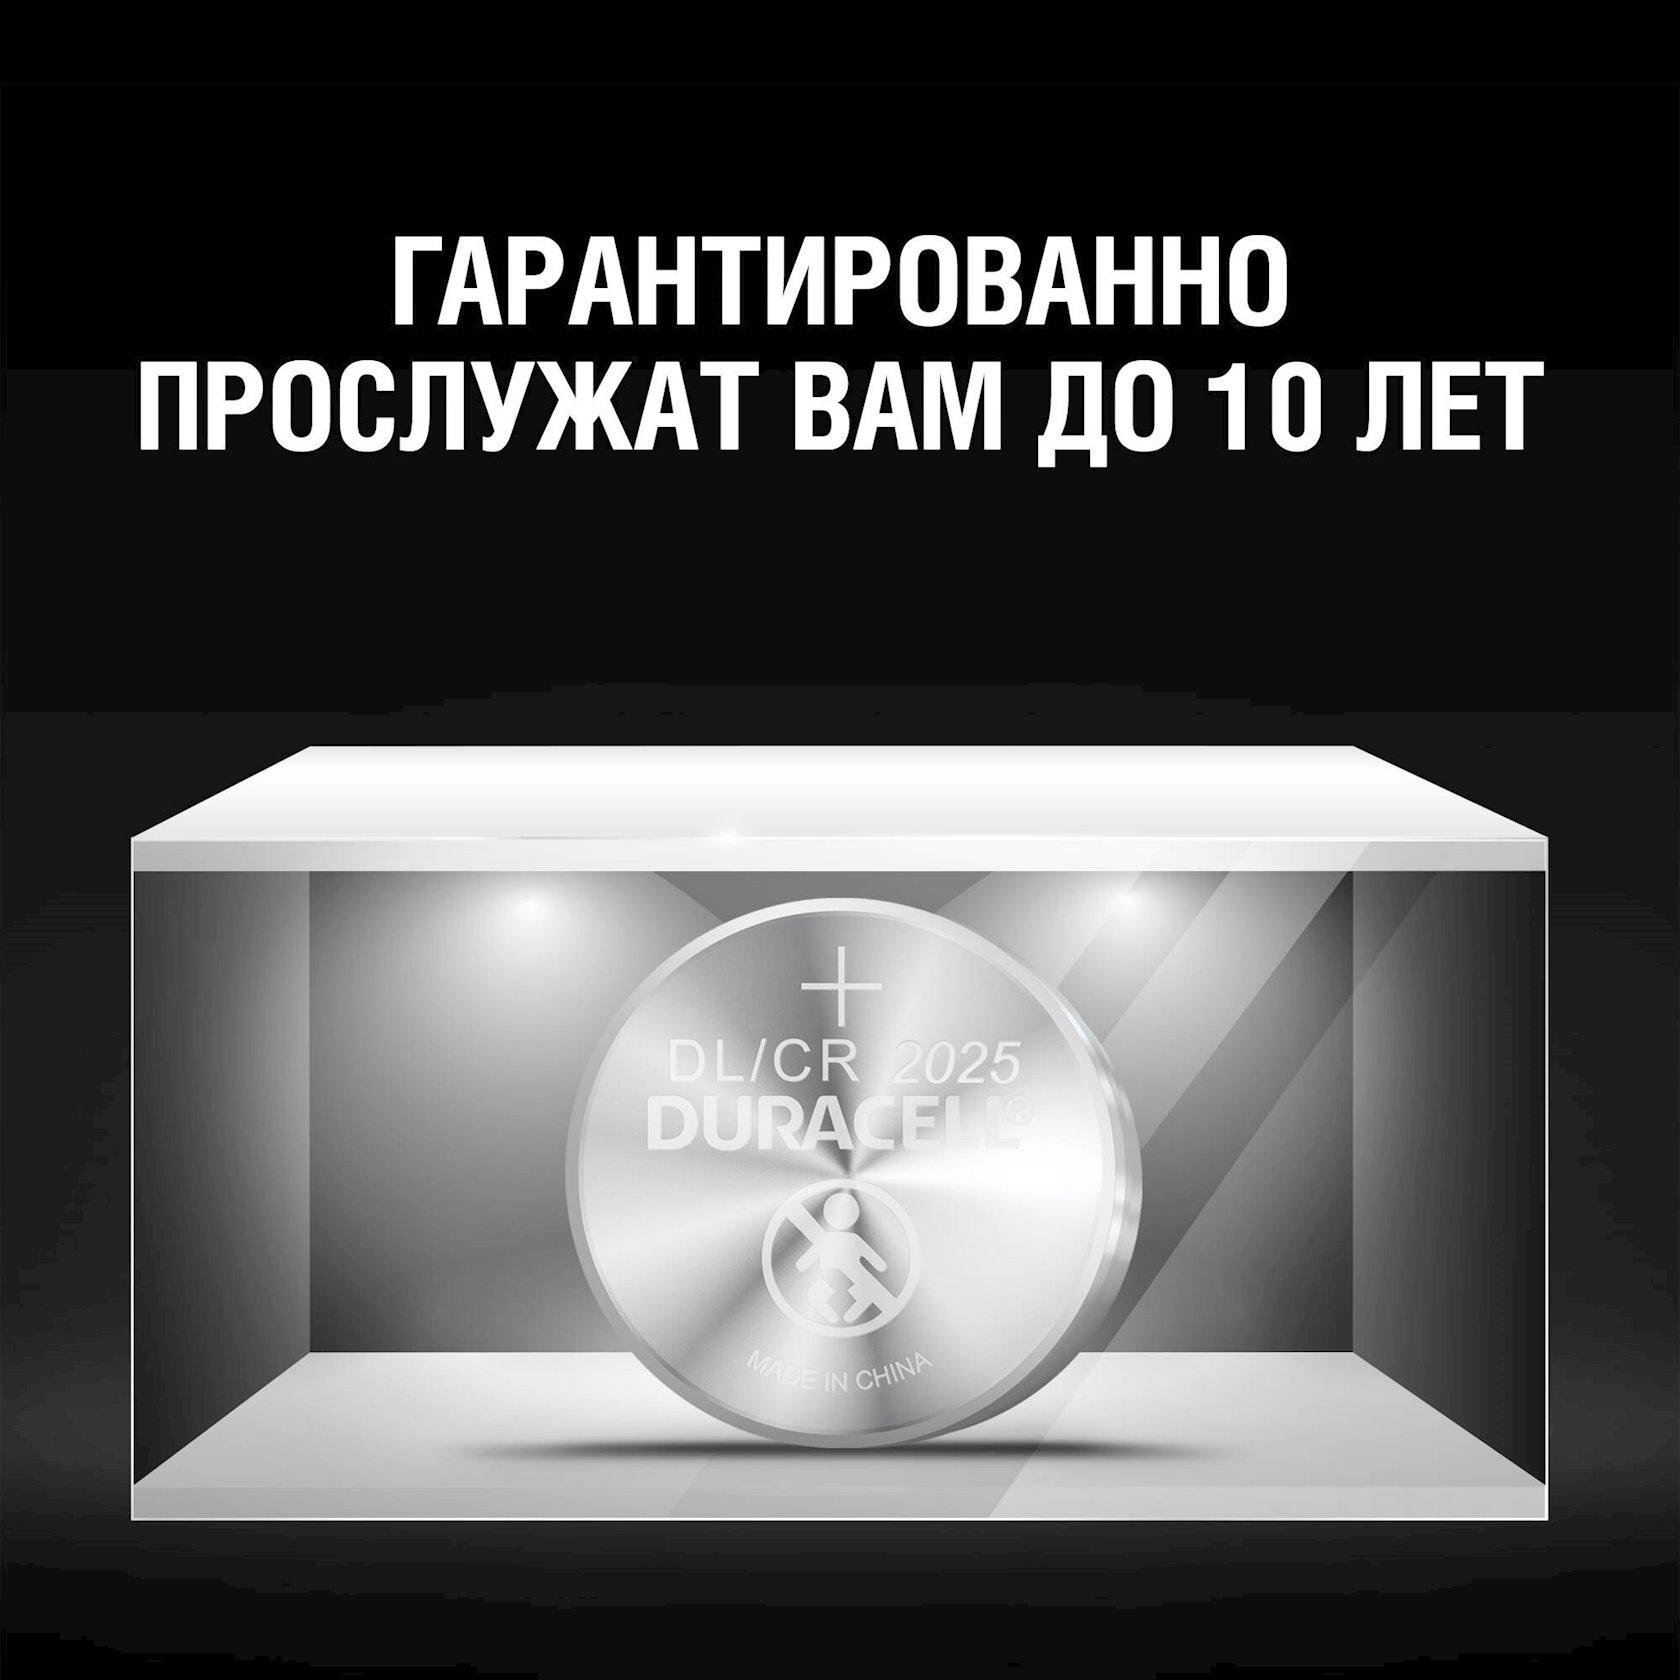 Batareya Duracell DLCR2025B2 Lithium Coin Cell Battery, 2 əd